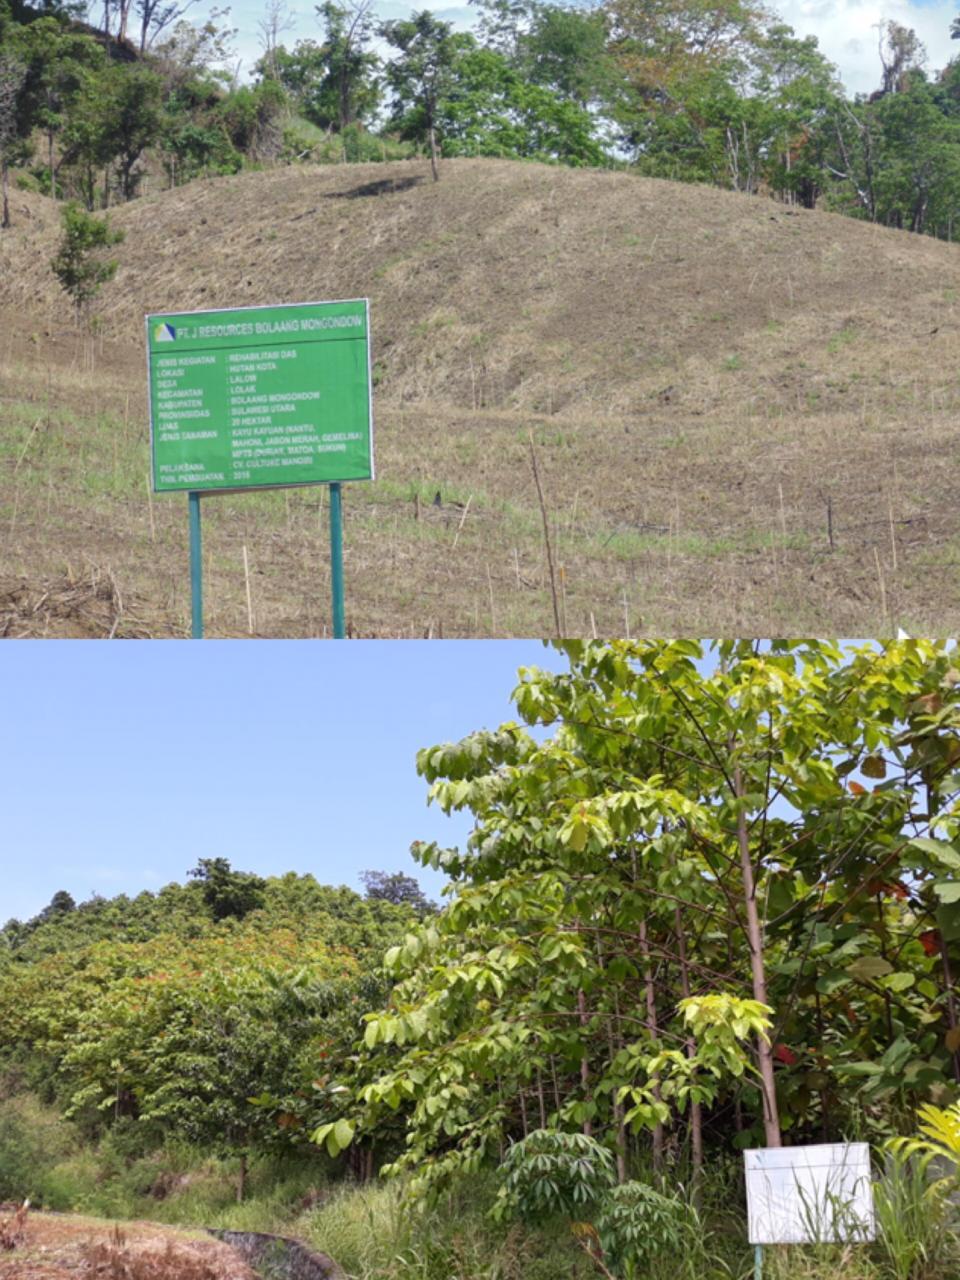 PT. J Resources Asia Pasifik Berhasil Lakukan Rehabilitasi DAS